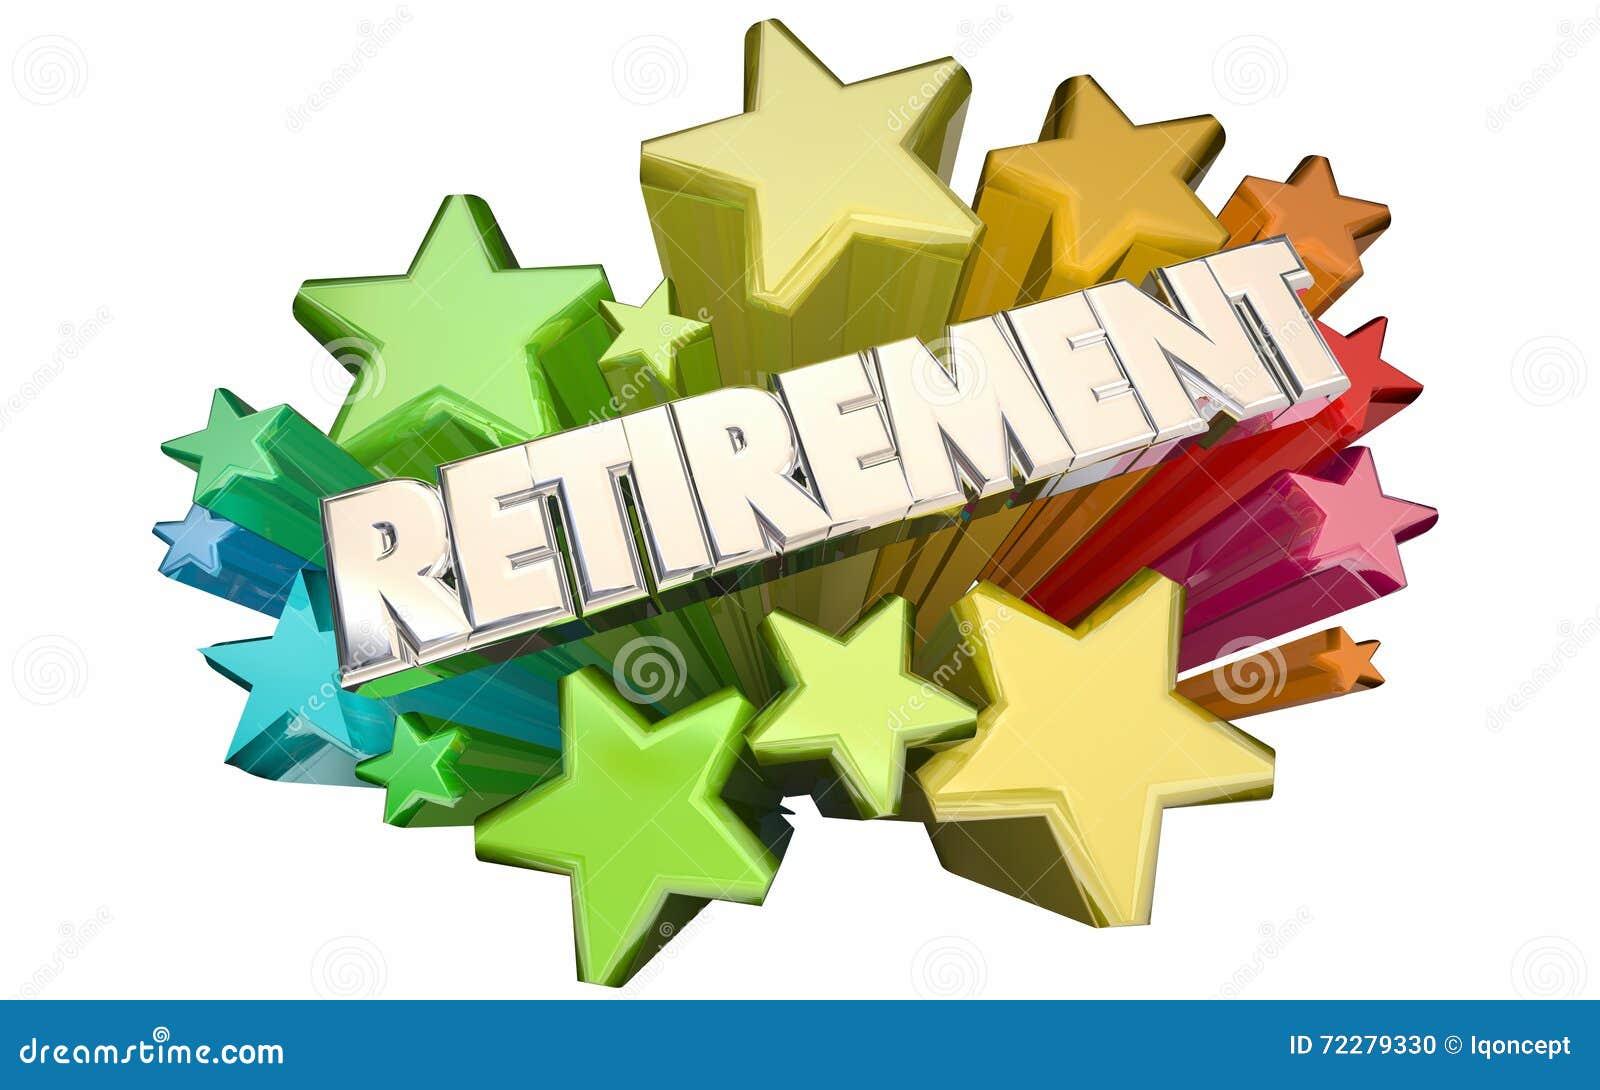 Сайт кабинета министров рф пенсии работающим пенсионерам